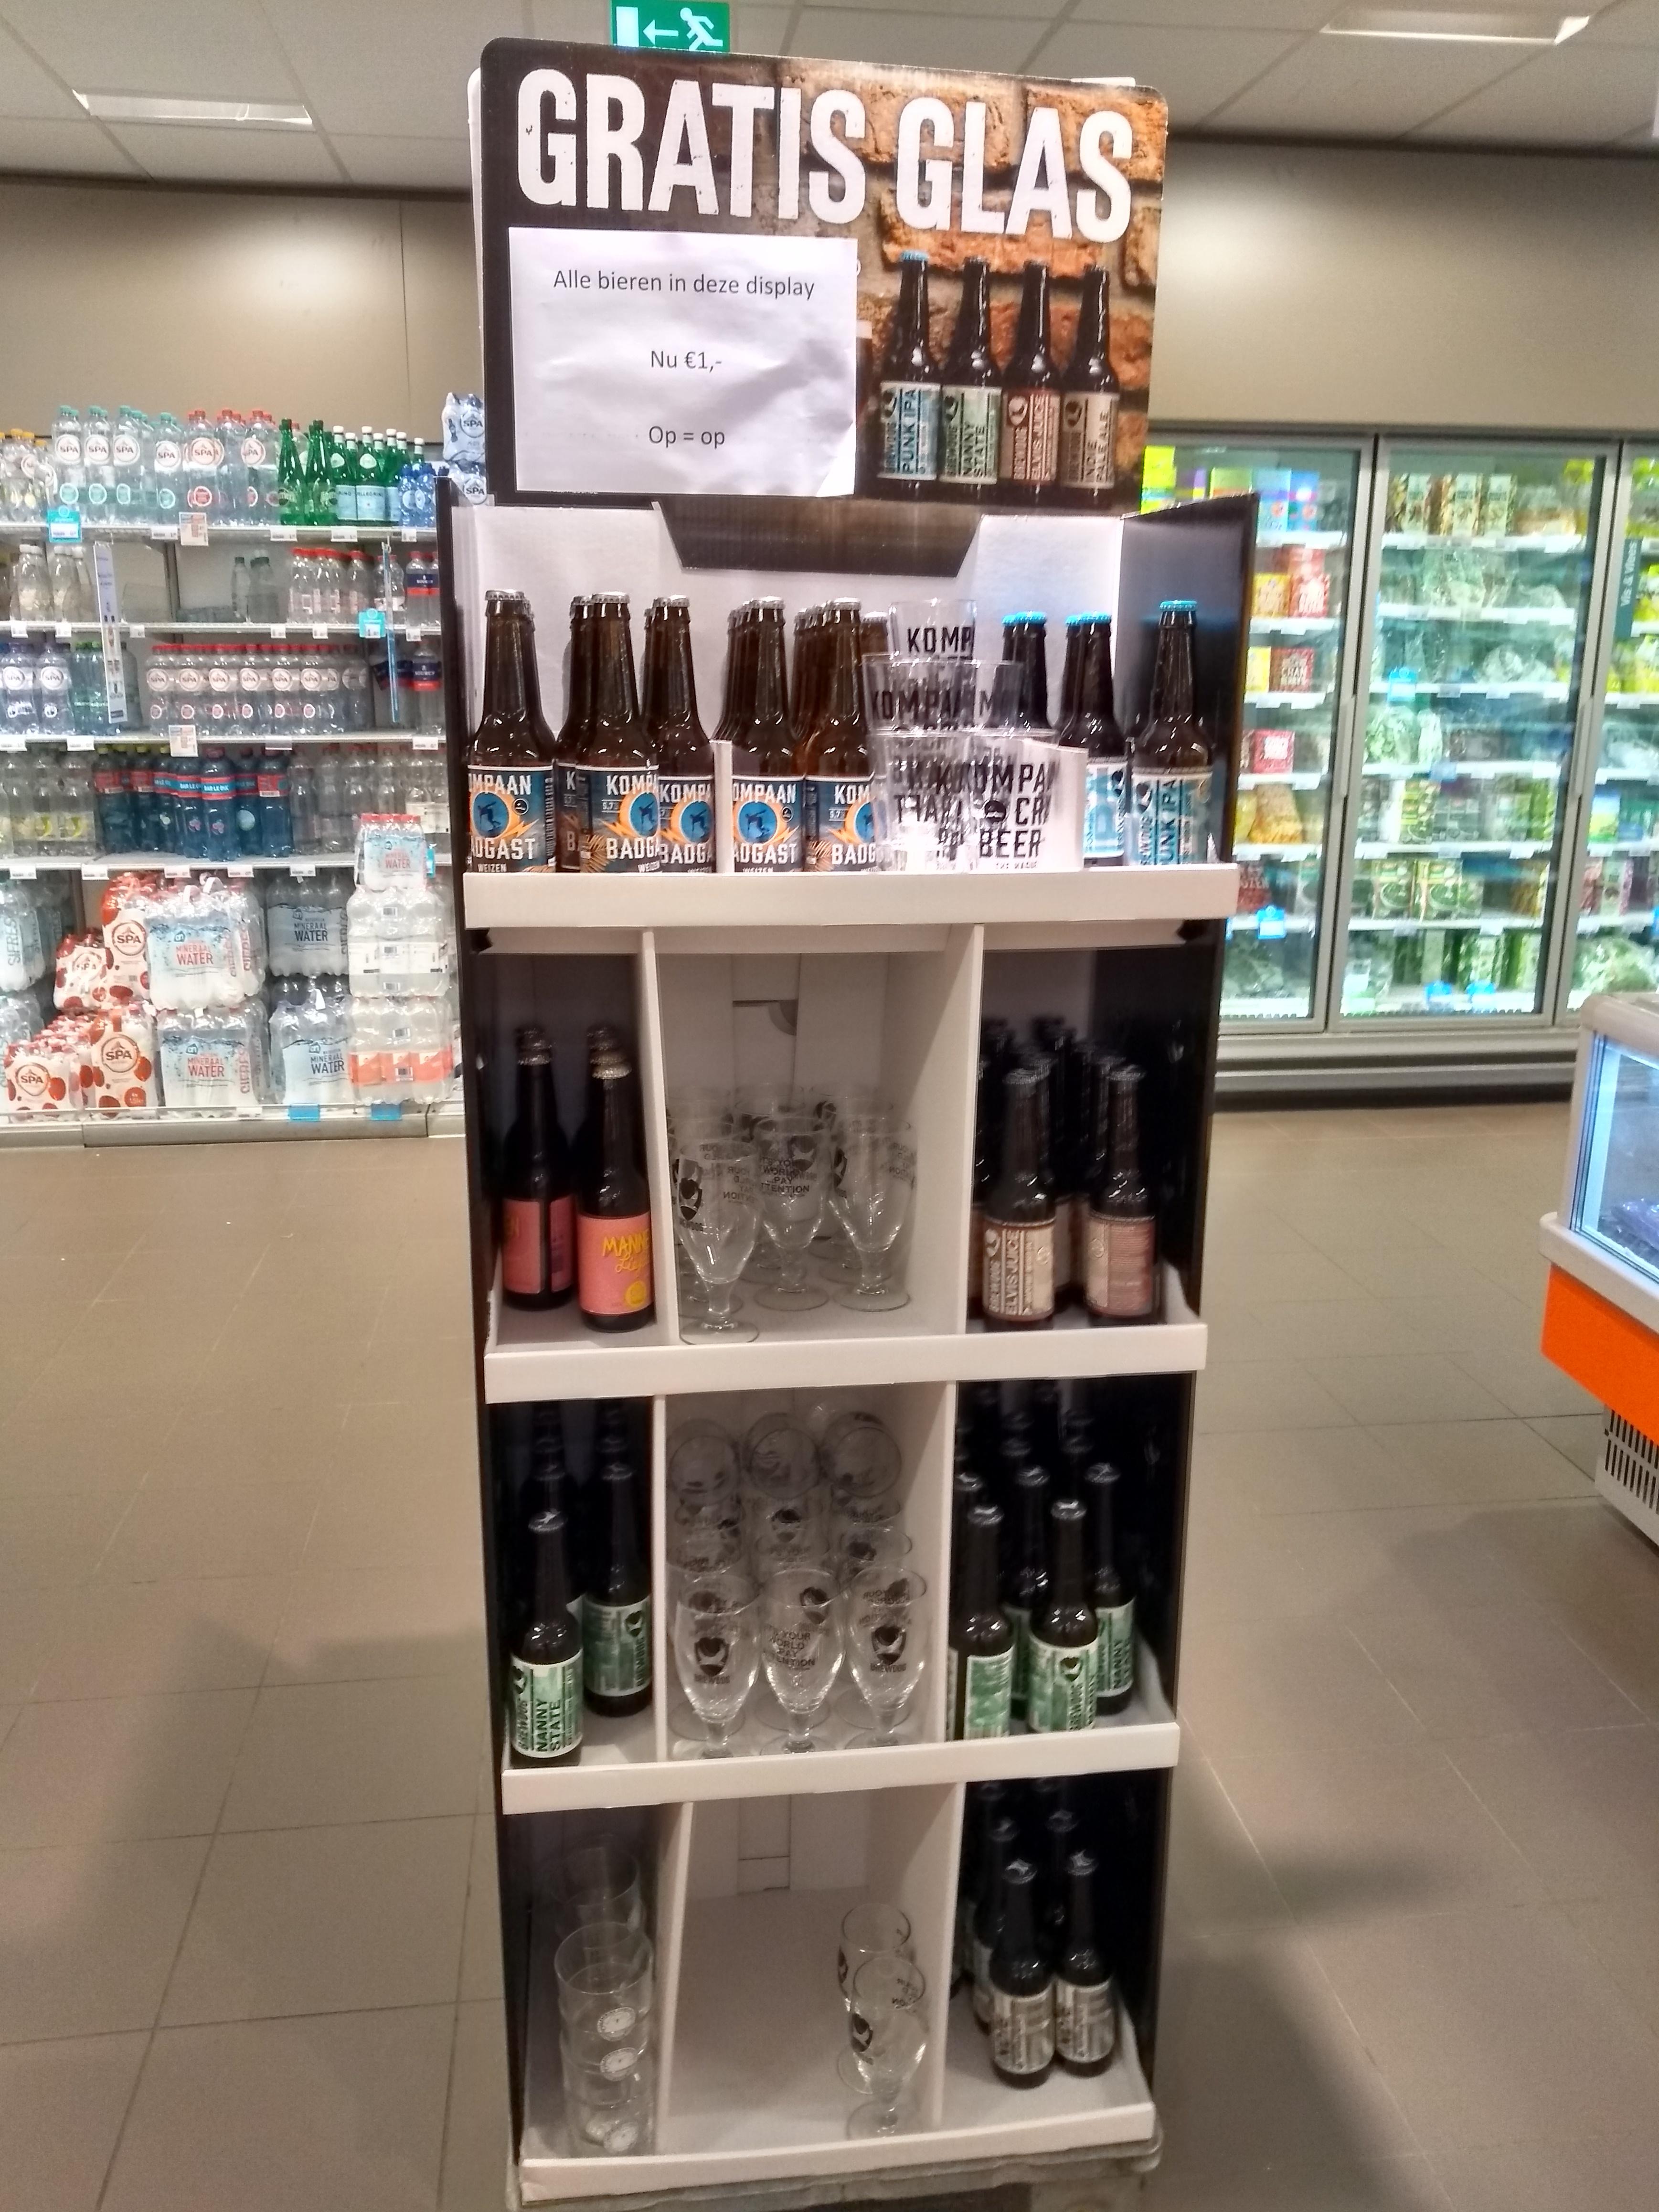 AH speciaal bier en gratis glas van dit merk